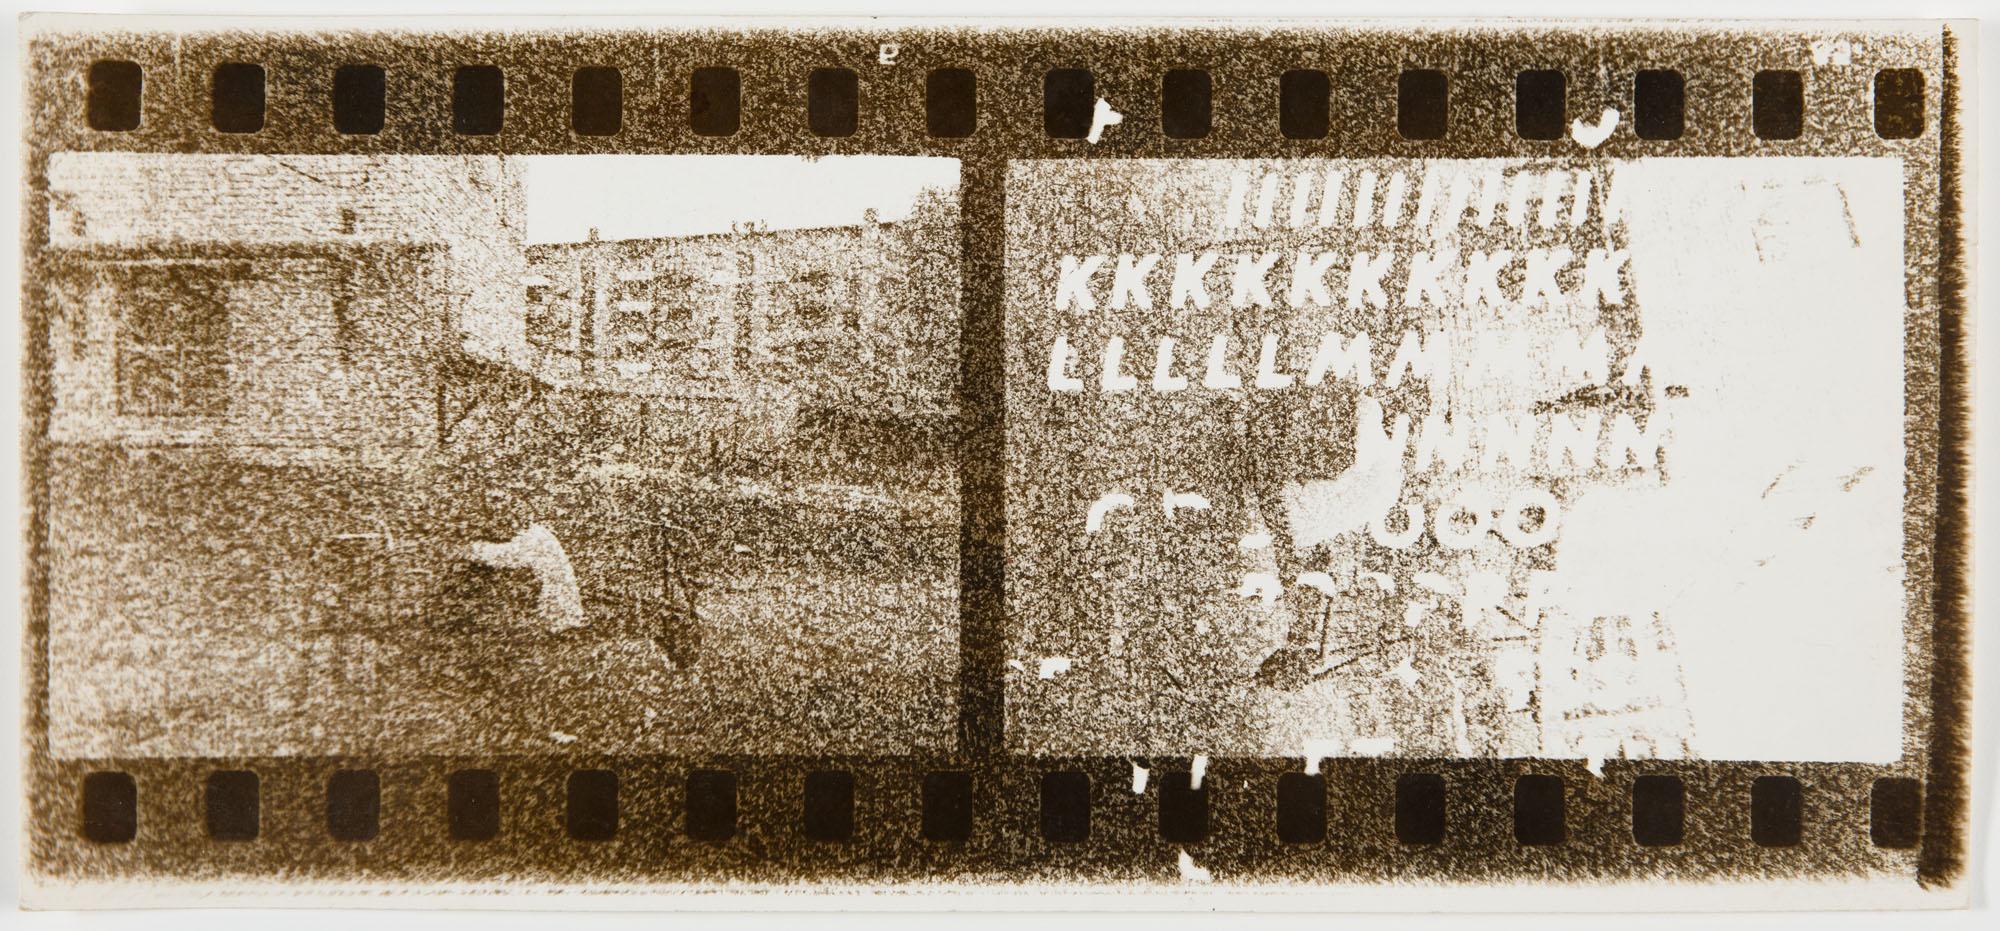 G. Liago nuotrauka 1994 m. | rengėjų nuotr.